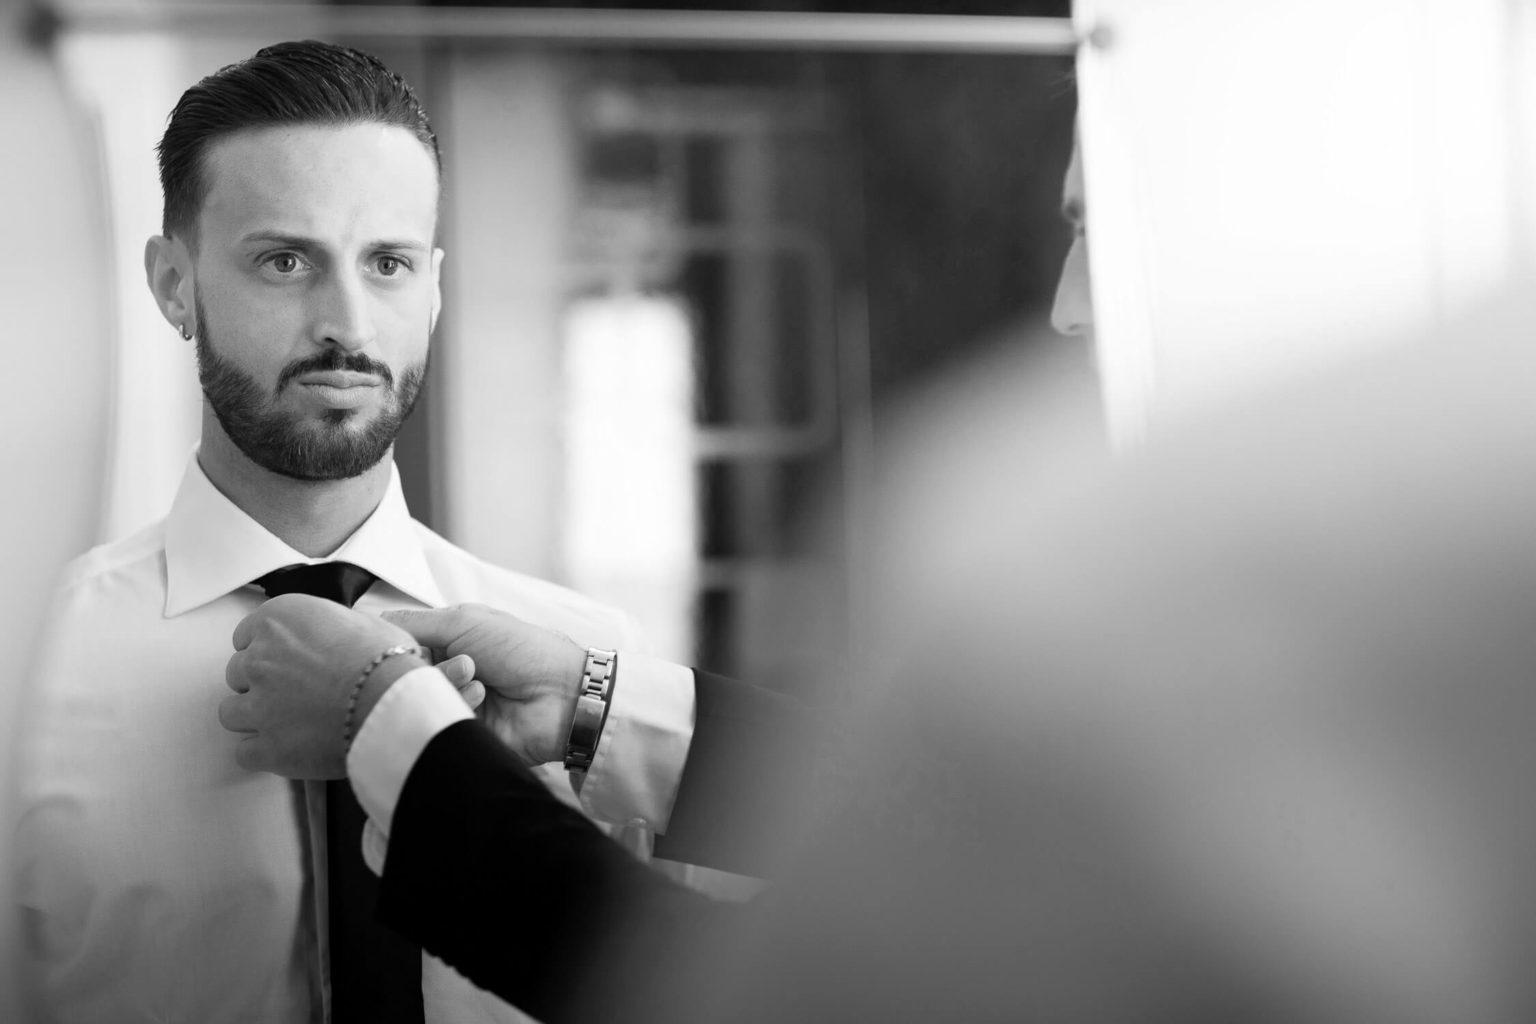 Il papà dello sposo gli sistema la cravatta, foto per matrimonio a Palermo di Nino Lombardo